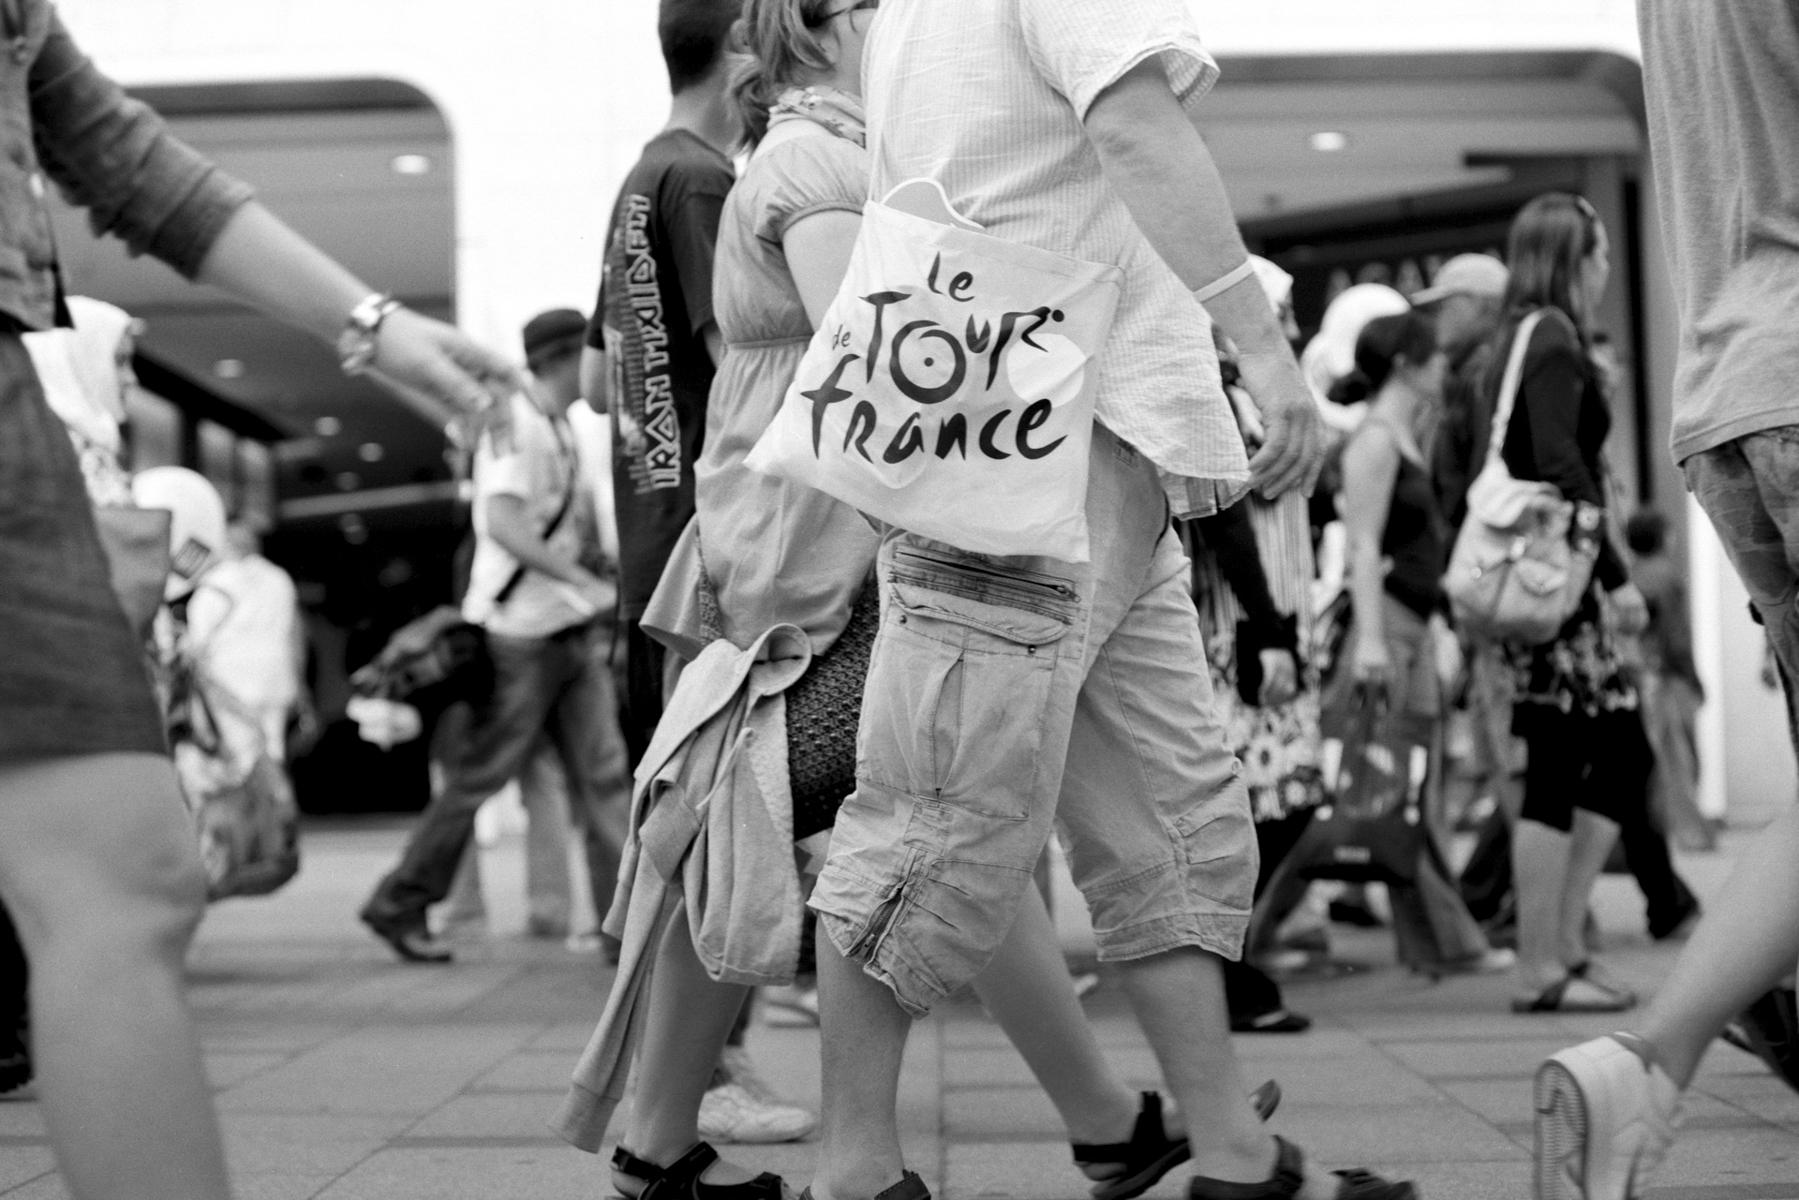 Le Tour de France 2010 Since 1903, every Tour de France ends in the famous Champs-Elysées in Paris. Depuis 1903, le Tour de France, s'achève à Paris, sur la célèbre avenue des Champs-Elysées. Schon seit 1903, dem Beginn der Tour de France, führt sie nach Paris – auf die berühmte Champs-Elysées. Todos los Tours de Francia terminan desde 1903 en la famosa Avenida de los Campos Elíseos en París.